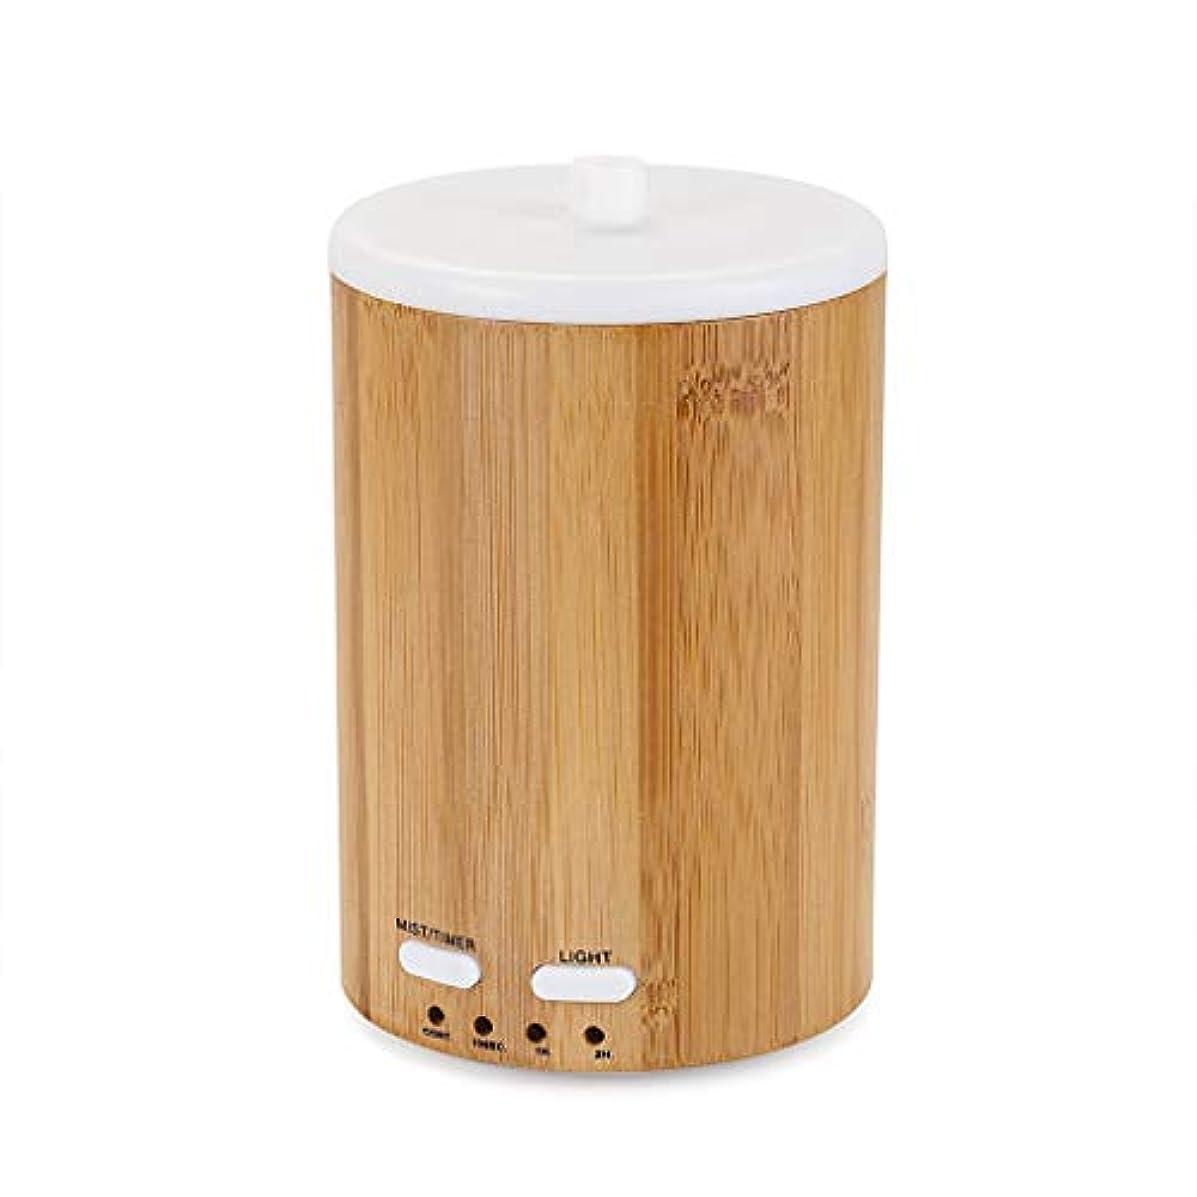 手伝う急行する大混乱アップグレードされたリアル竹ディフューザー超音波ディフューザークールミスト加湿器断続的な連続ミスト2作業モードウォーターレスオートオフ7色LEDライト (Color : Bamboo)